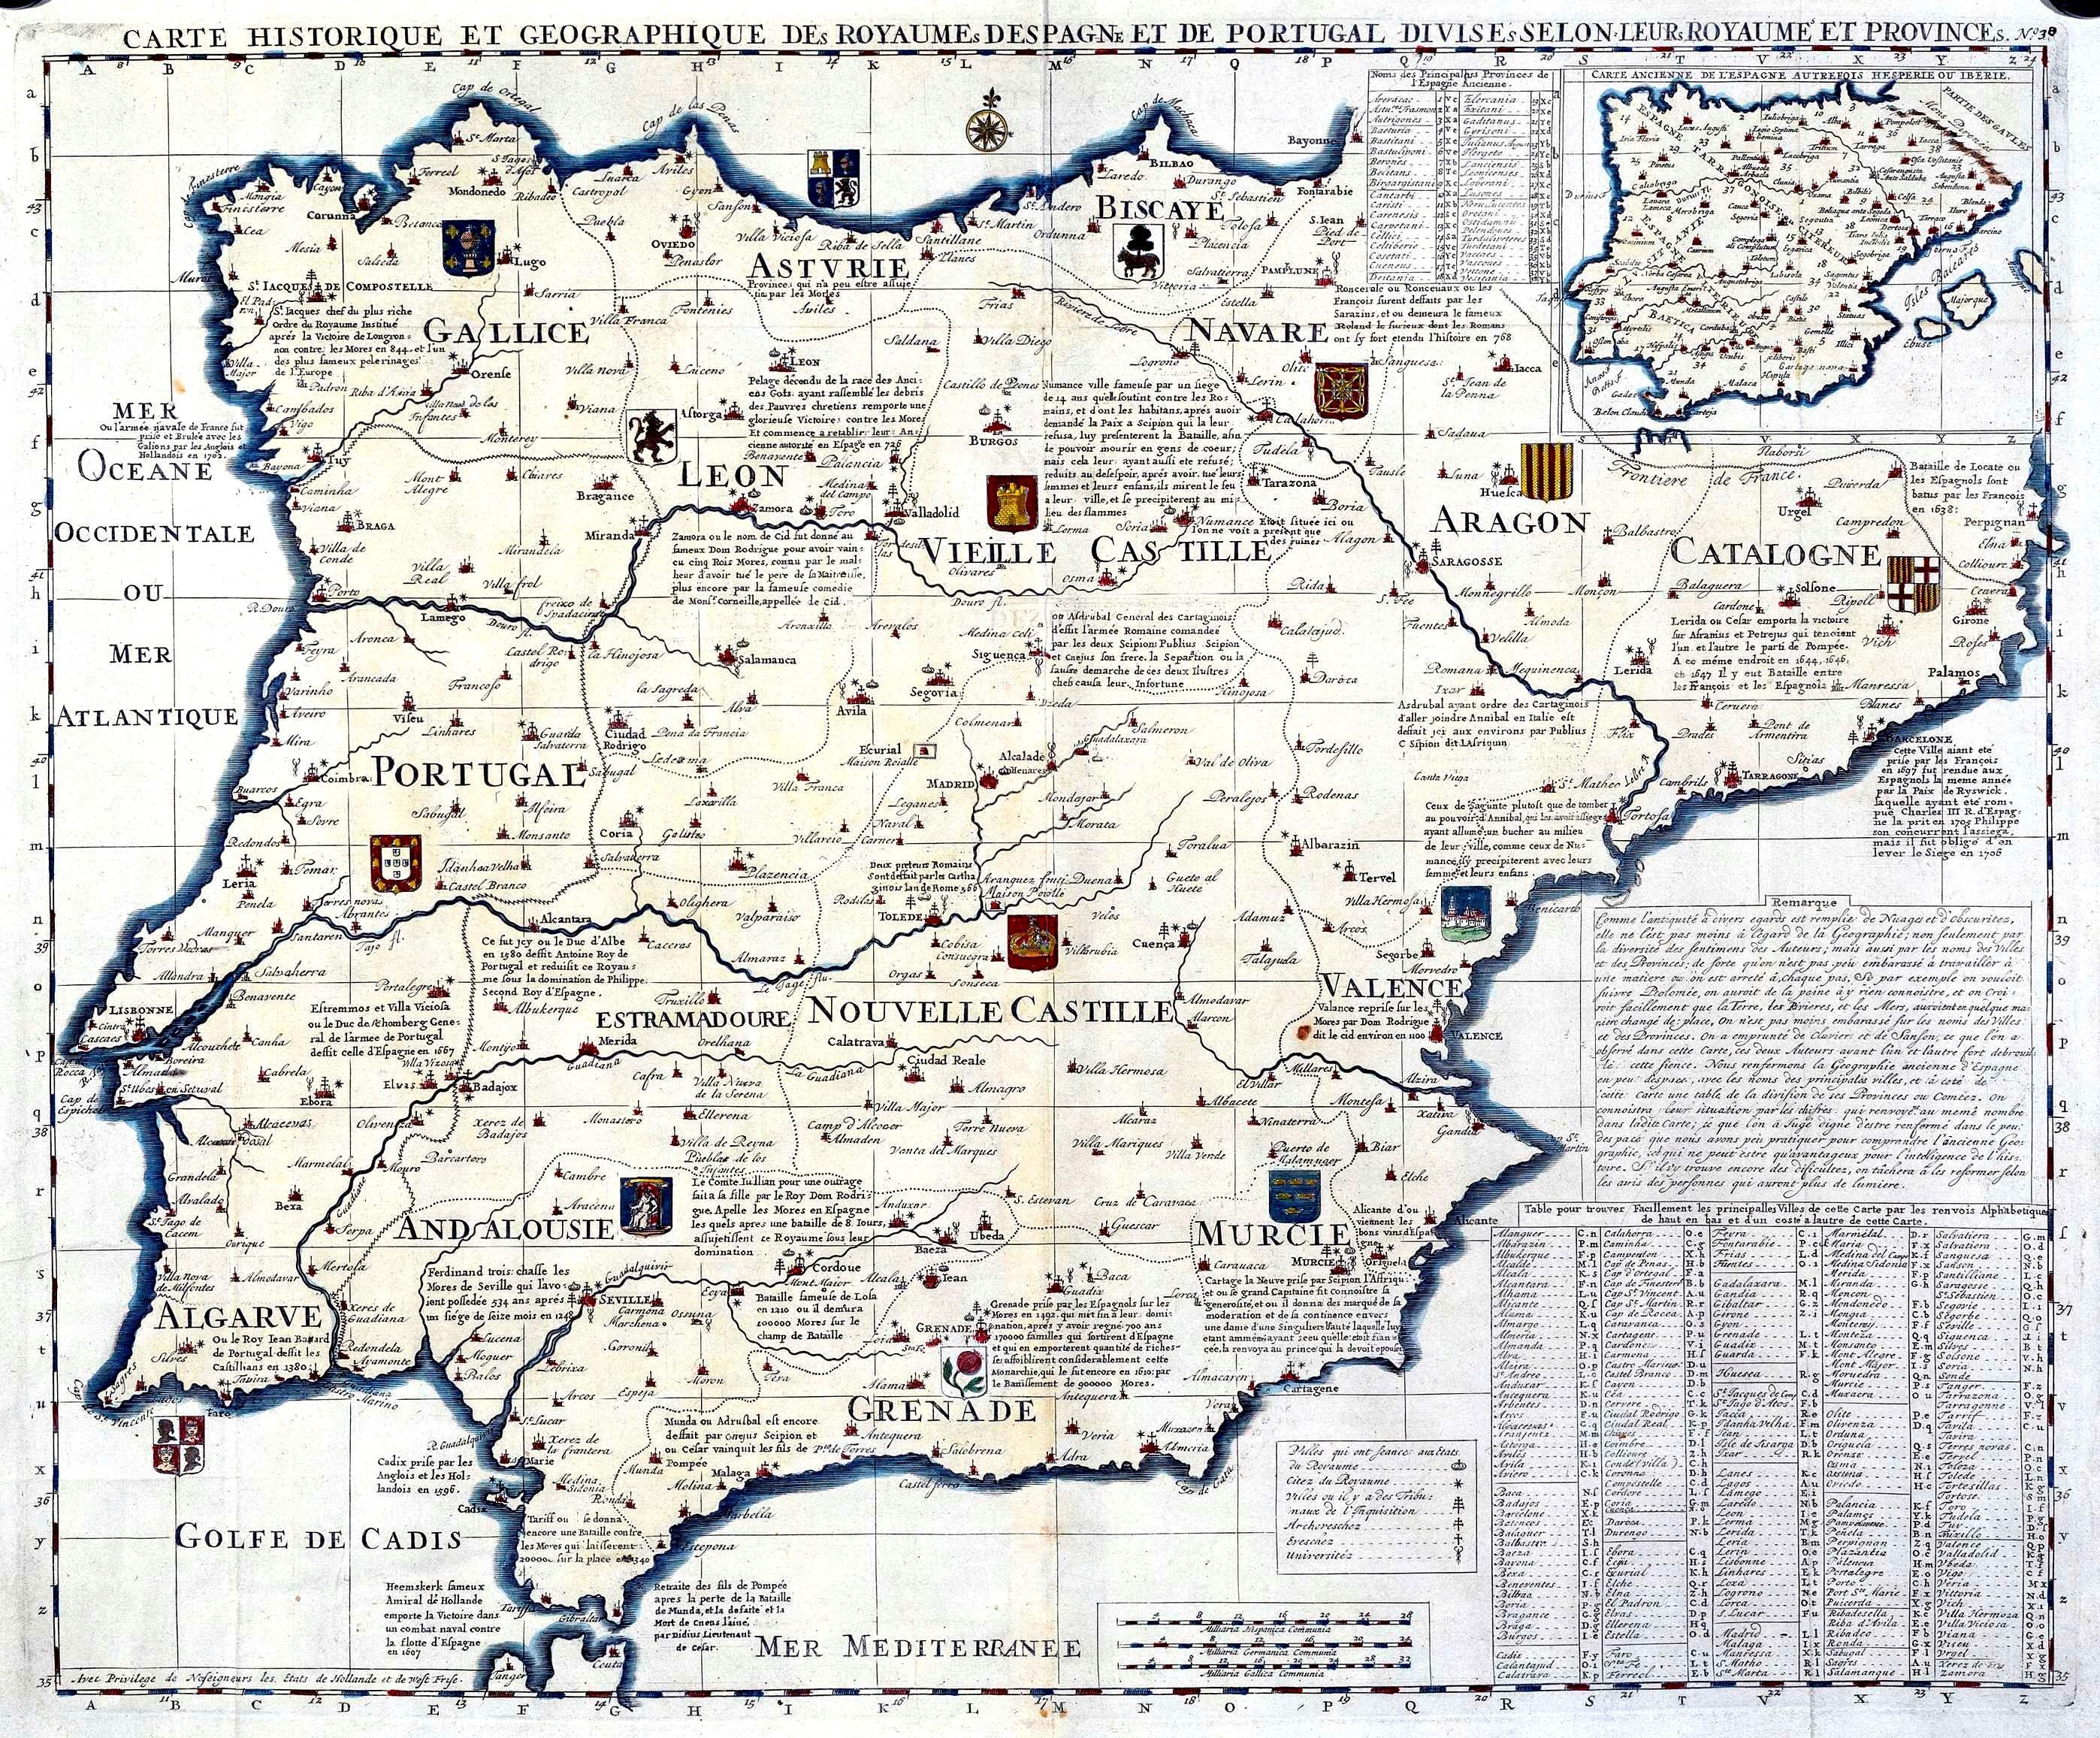 Mapa Histórico Y Geográfico De Los Reinos De España Y Portugal En - Portugal map history